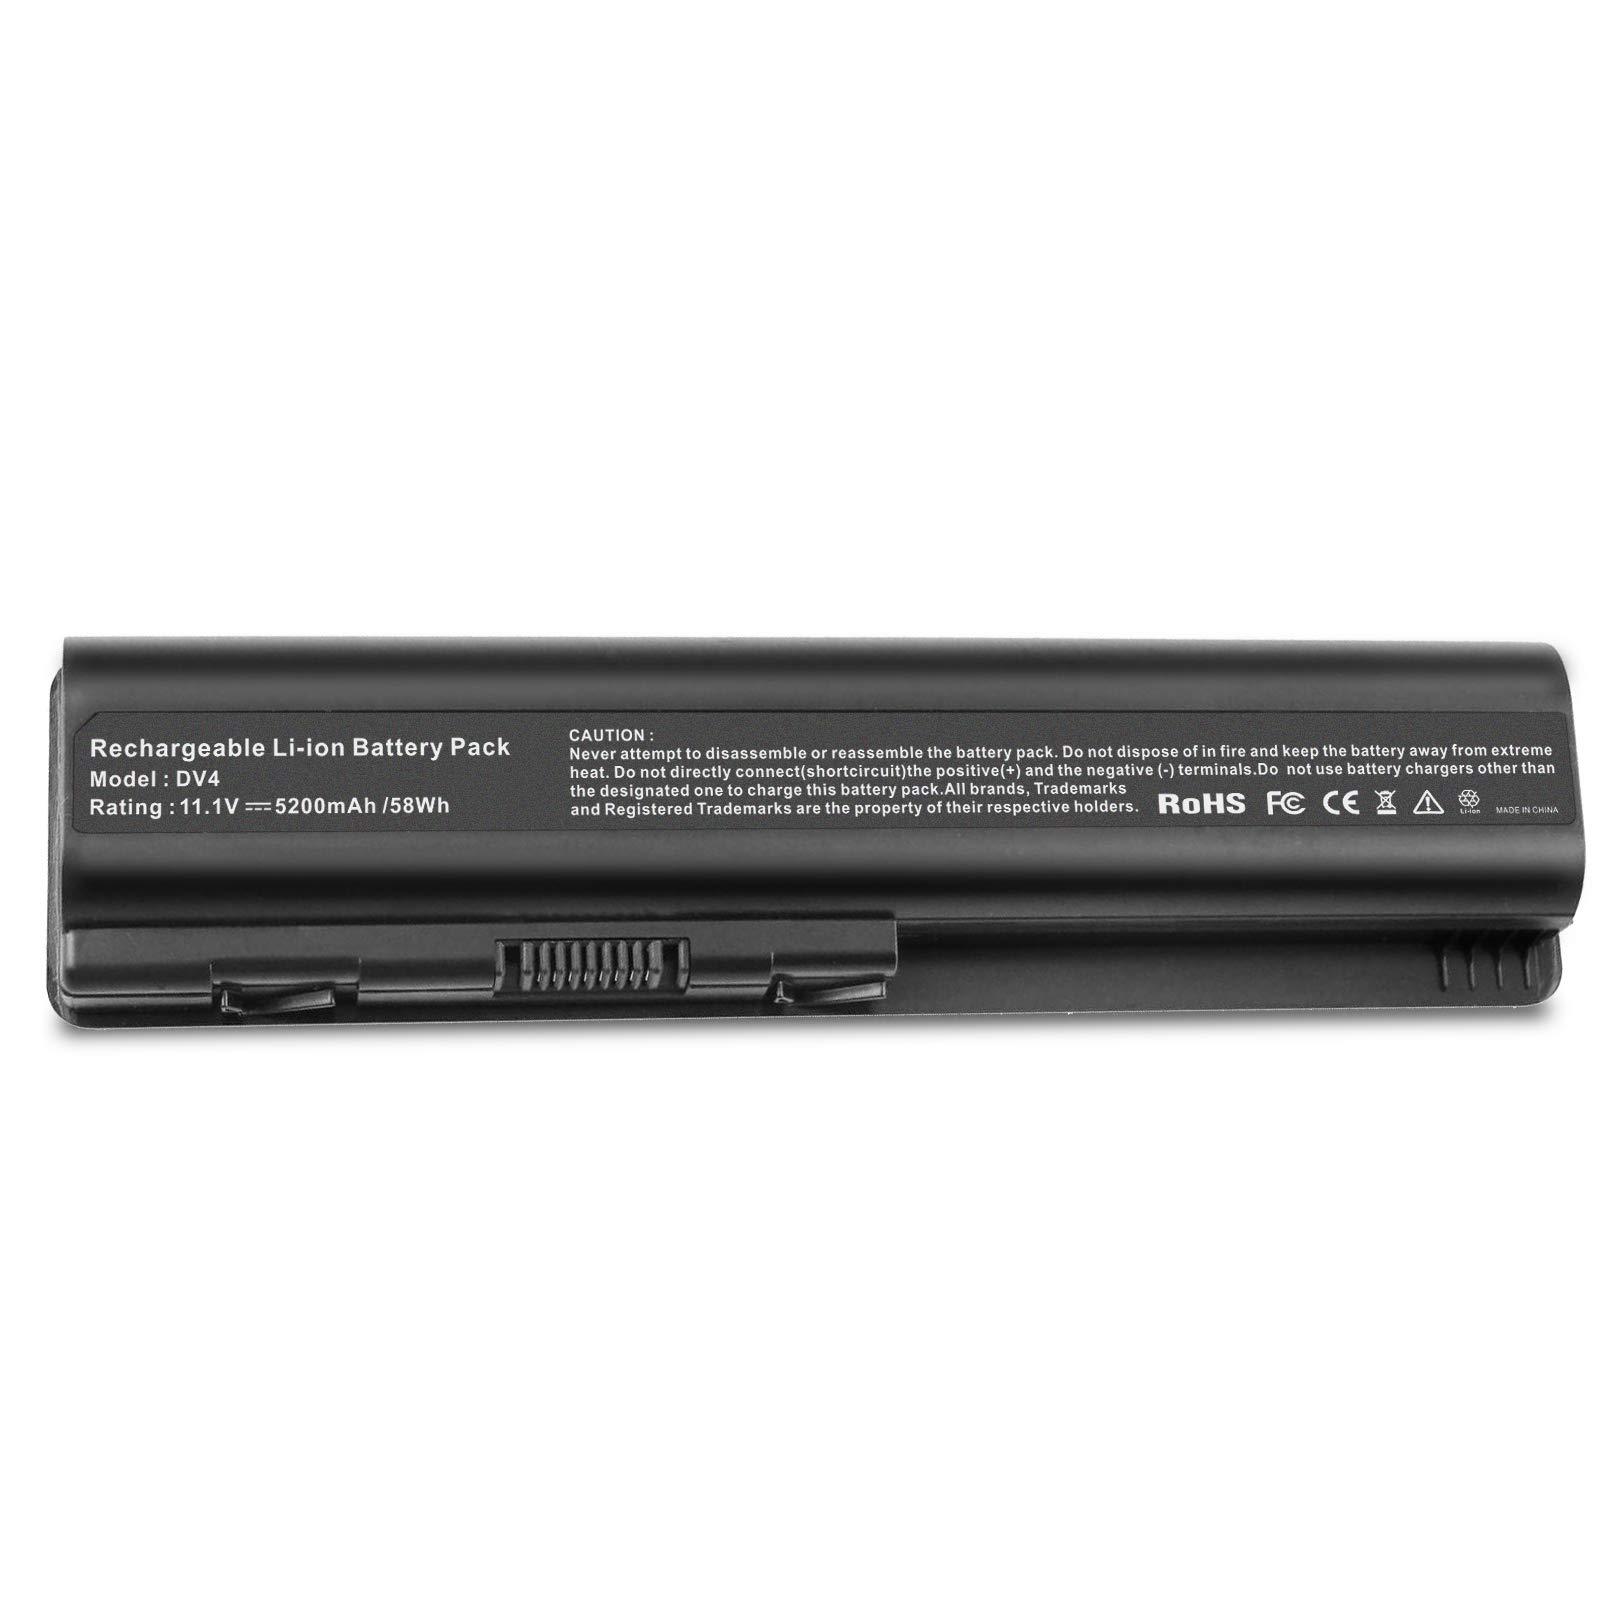 Bateria 5200mAh 11.1V DV4 para HP Pavilion DV4-1000 DV4-1120US DV4-1225DX DV4-1551DX DV4-1435DX DV4-1465DX DV4-1548DX DV